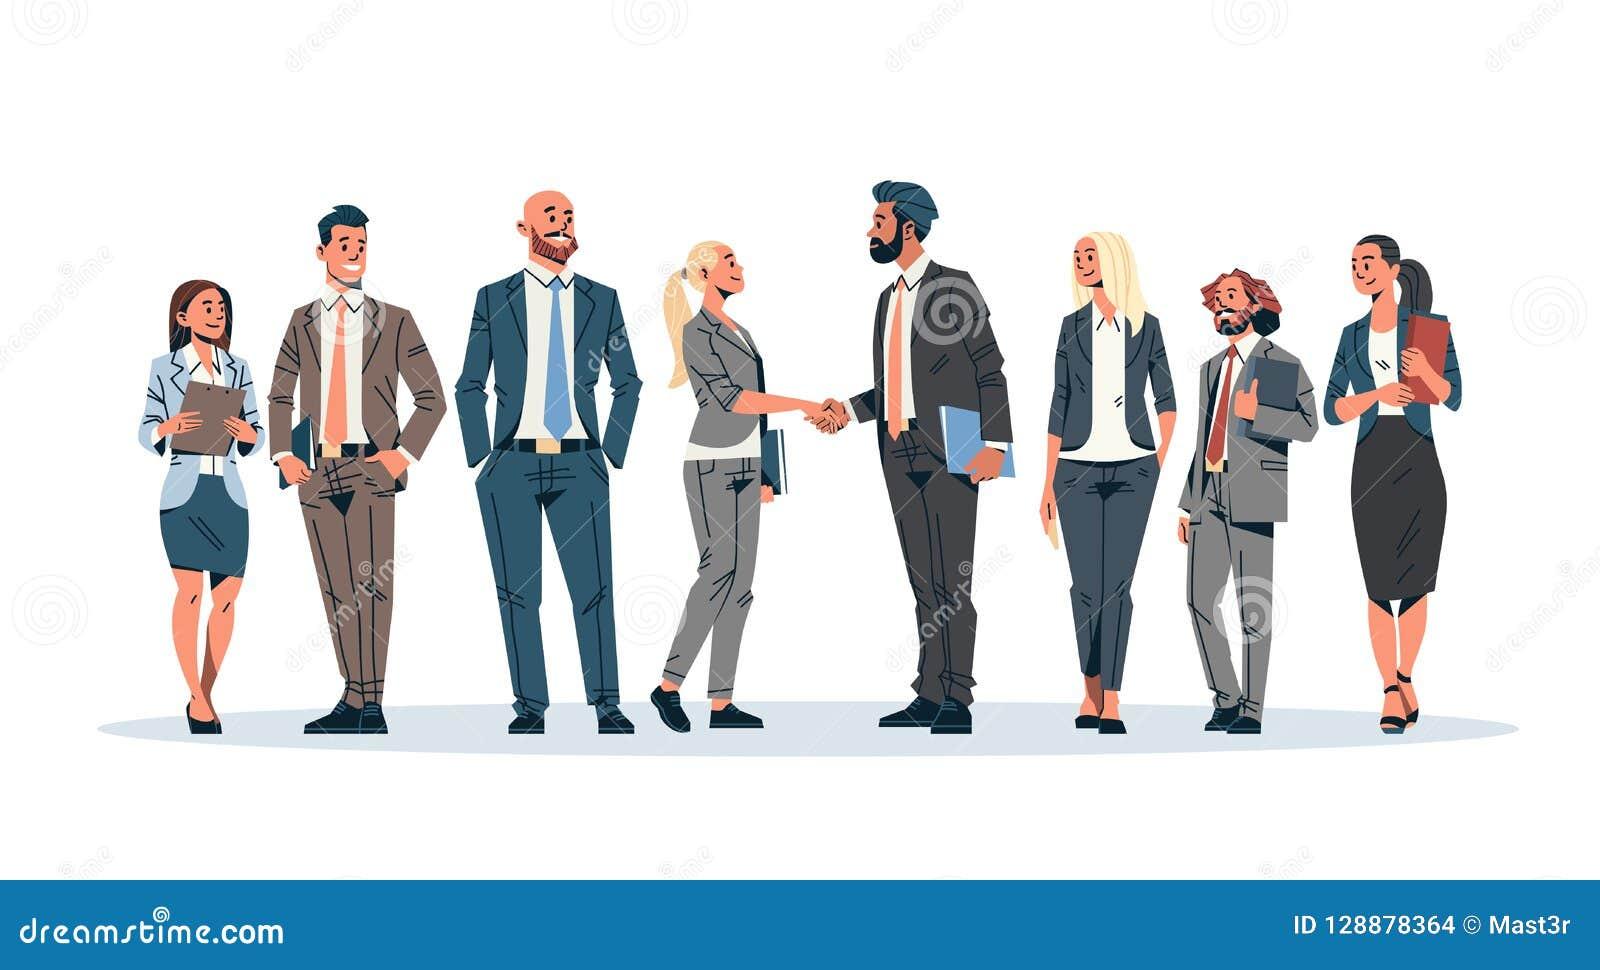 De bedrijfsmensen groeperen van het de overeenkomsten communicerende concept van de handschok van de zakenliedenvrouwen het teaml